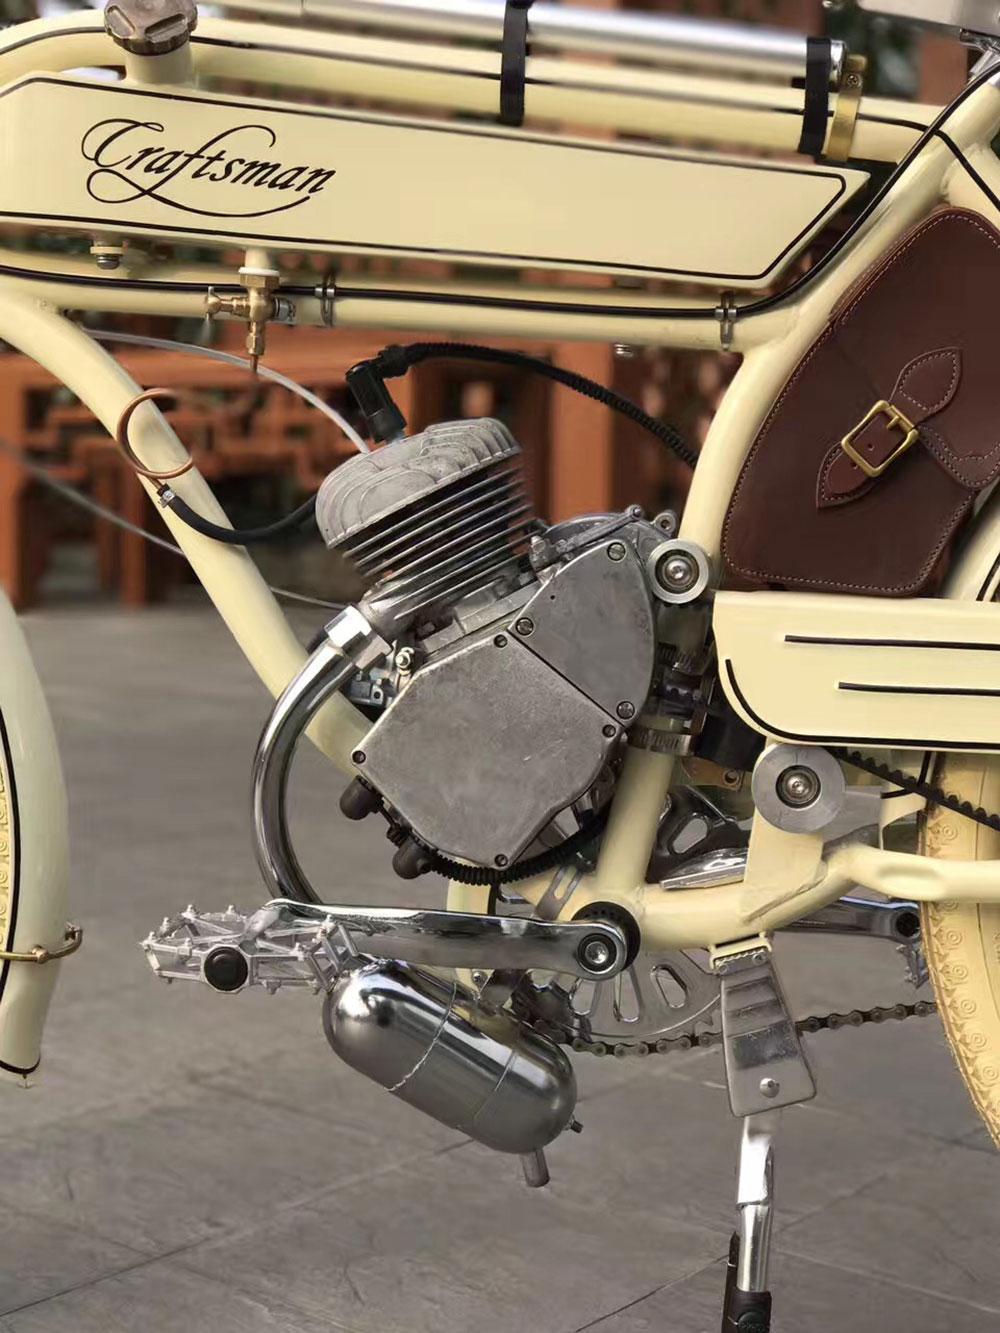 Craftsman moteur pedallier